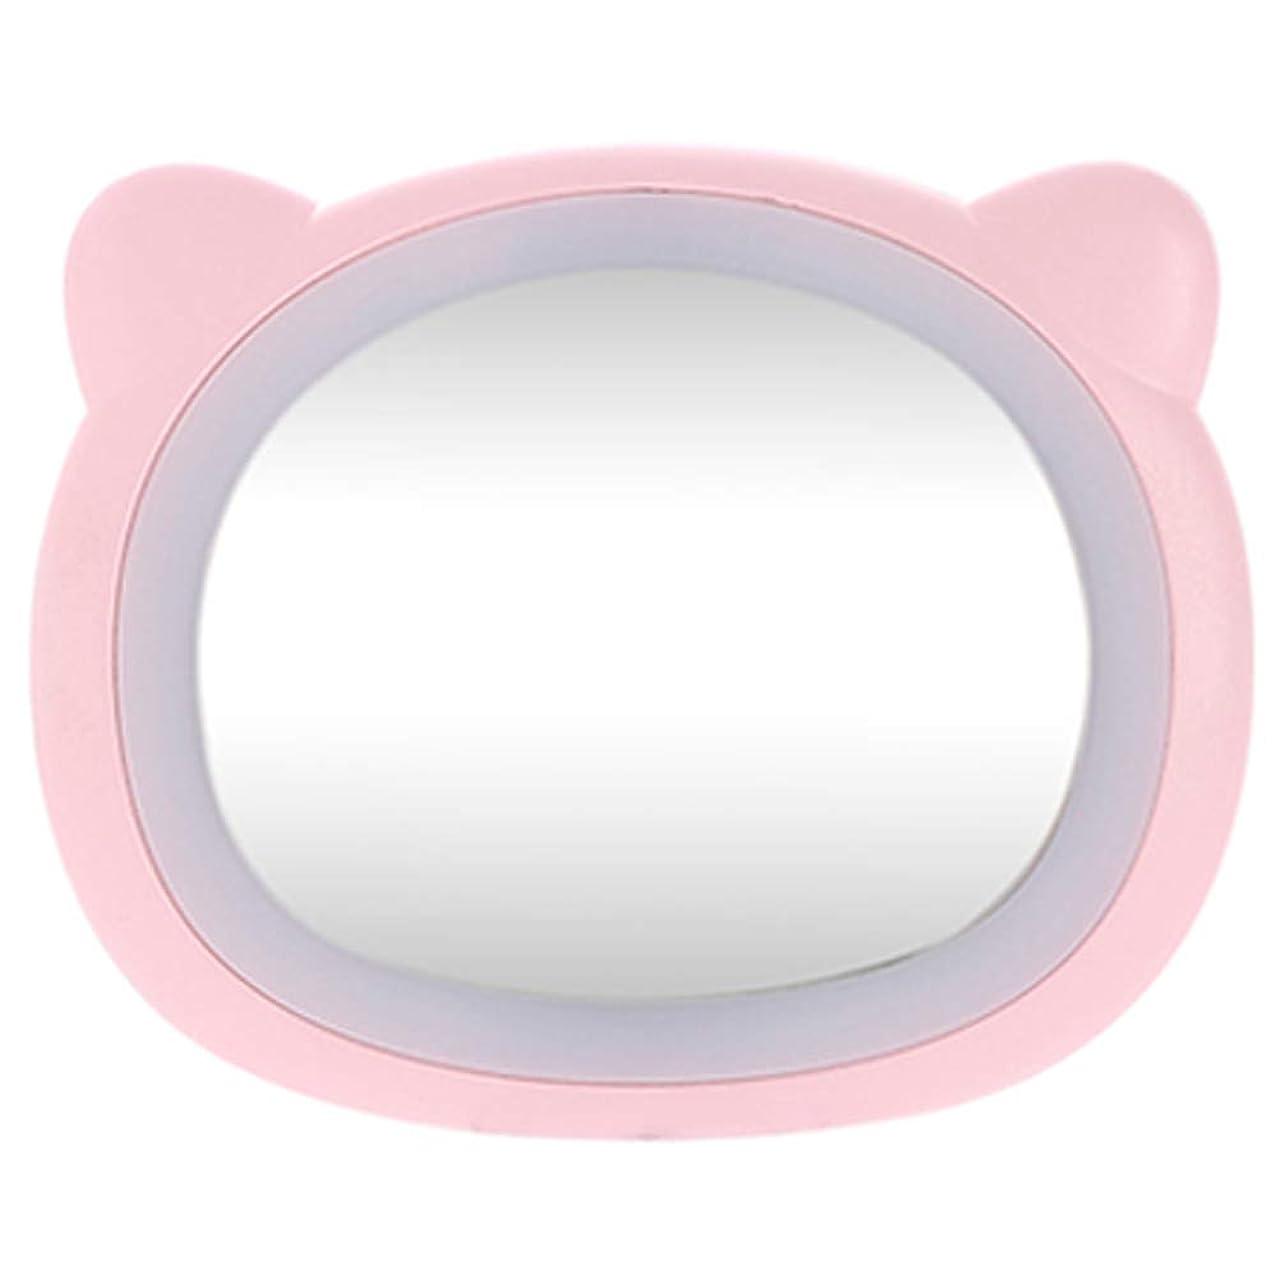 機転惨めな専門HOIBAI 化粧鏡 LEDライト付き 浴室鏡 化粧ミラー 女優ミラー ハンドヘルド 化粧 クリエイティブ 女の子の誕生日プレゼント ハンドミラ ポータブルミラー 可愛い携帯? USB給電 メイクミラー プレゼント 持ち運び安い (熊ピンク)